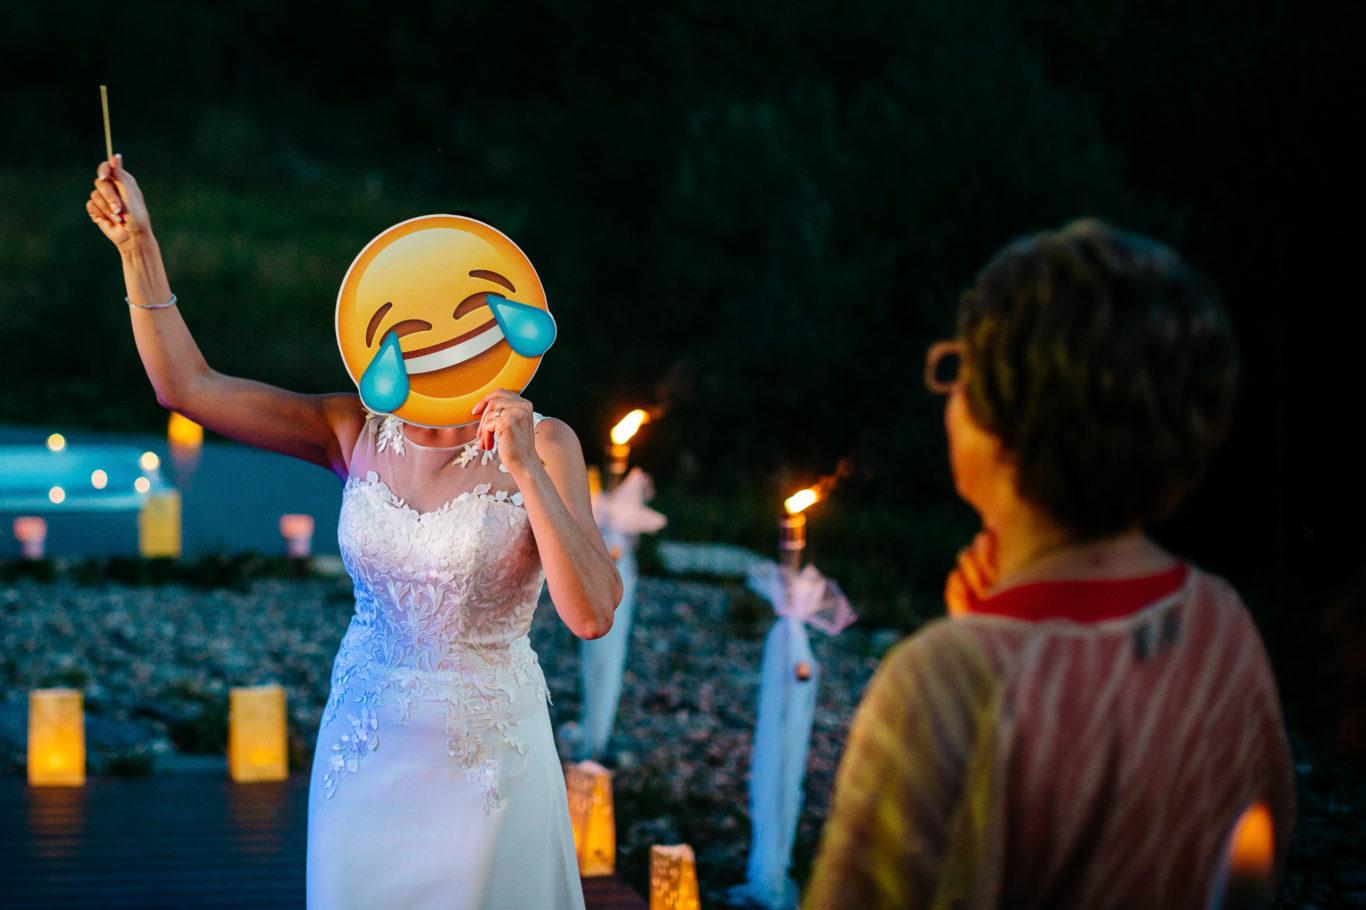 0571-fotografie-nunta-valea-de-pesti-vero-dani-fotograf-ciprian-dumitrescu-dc1_1475